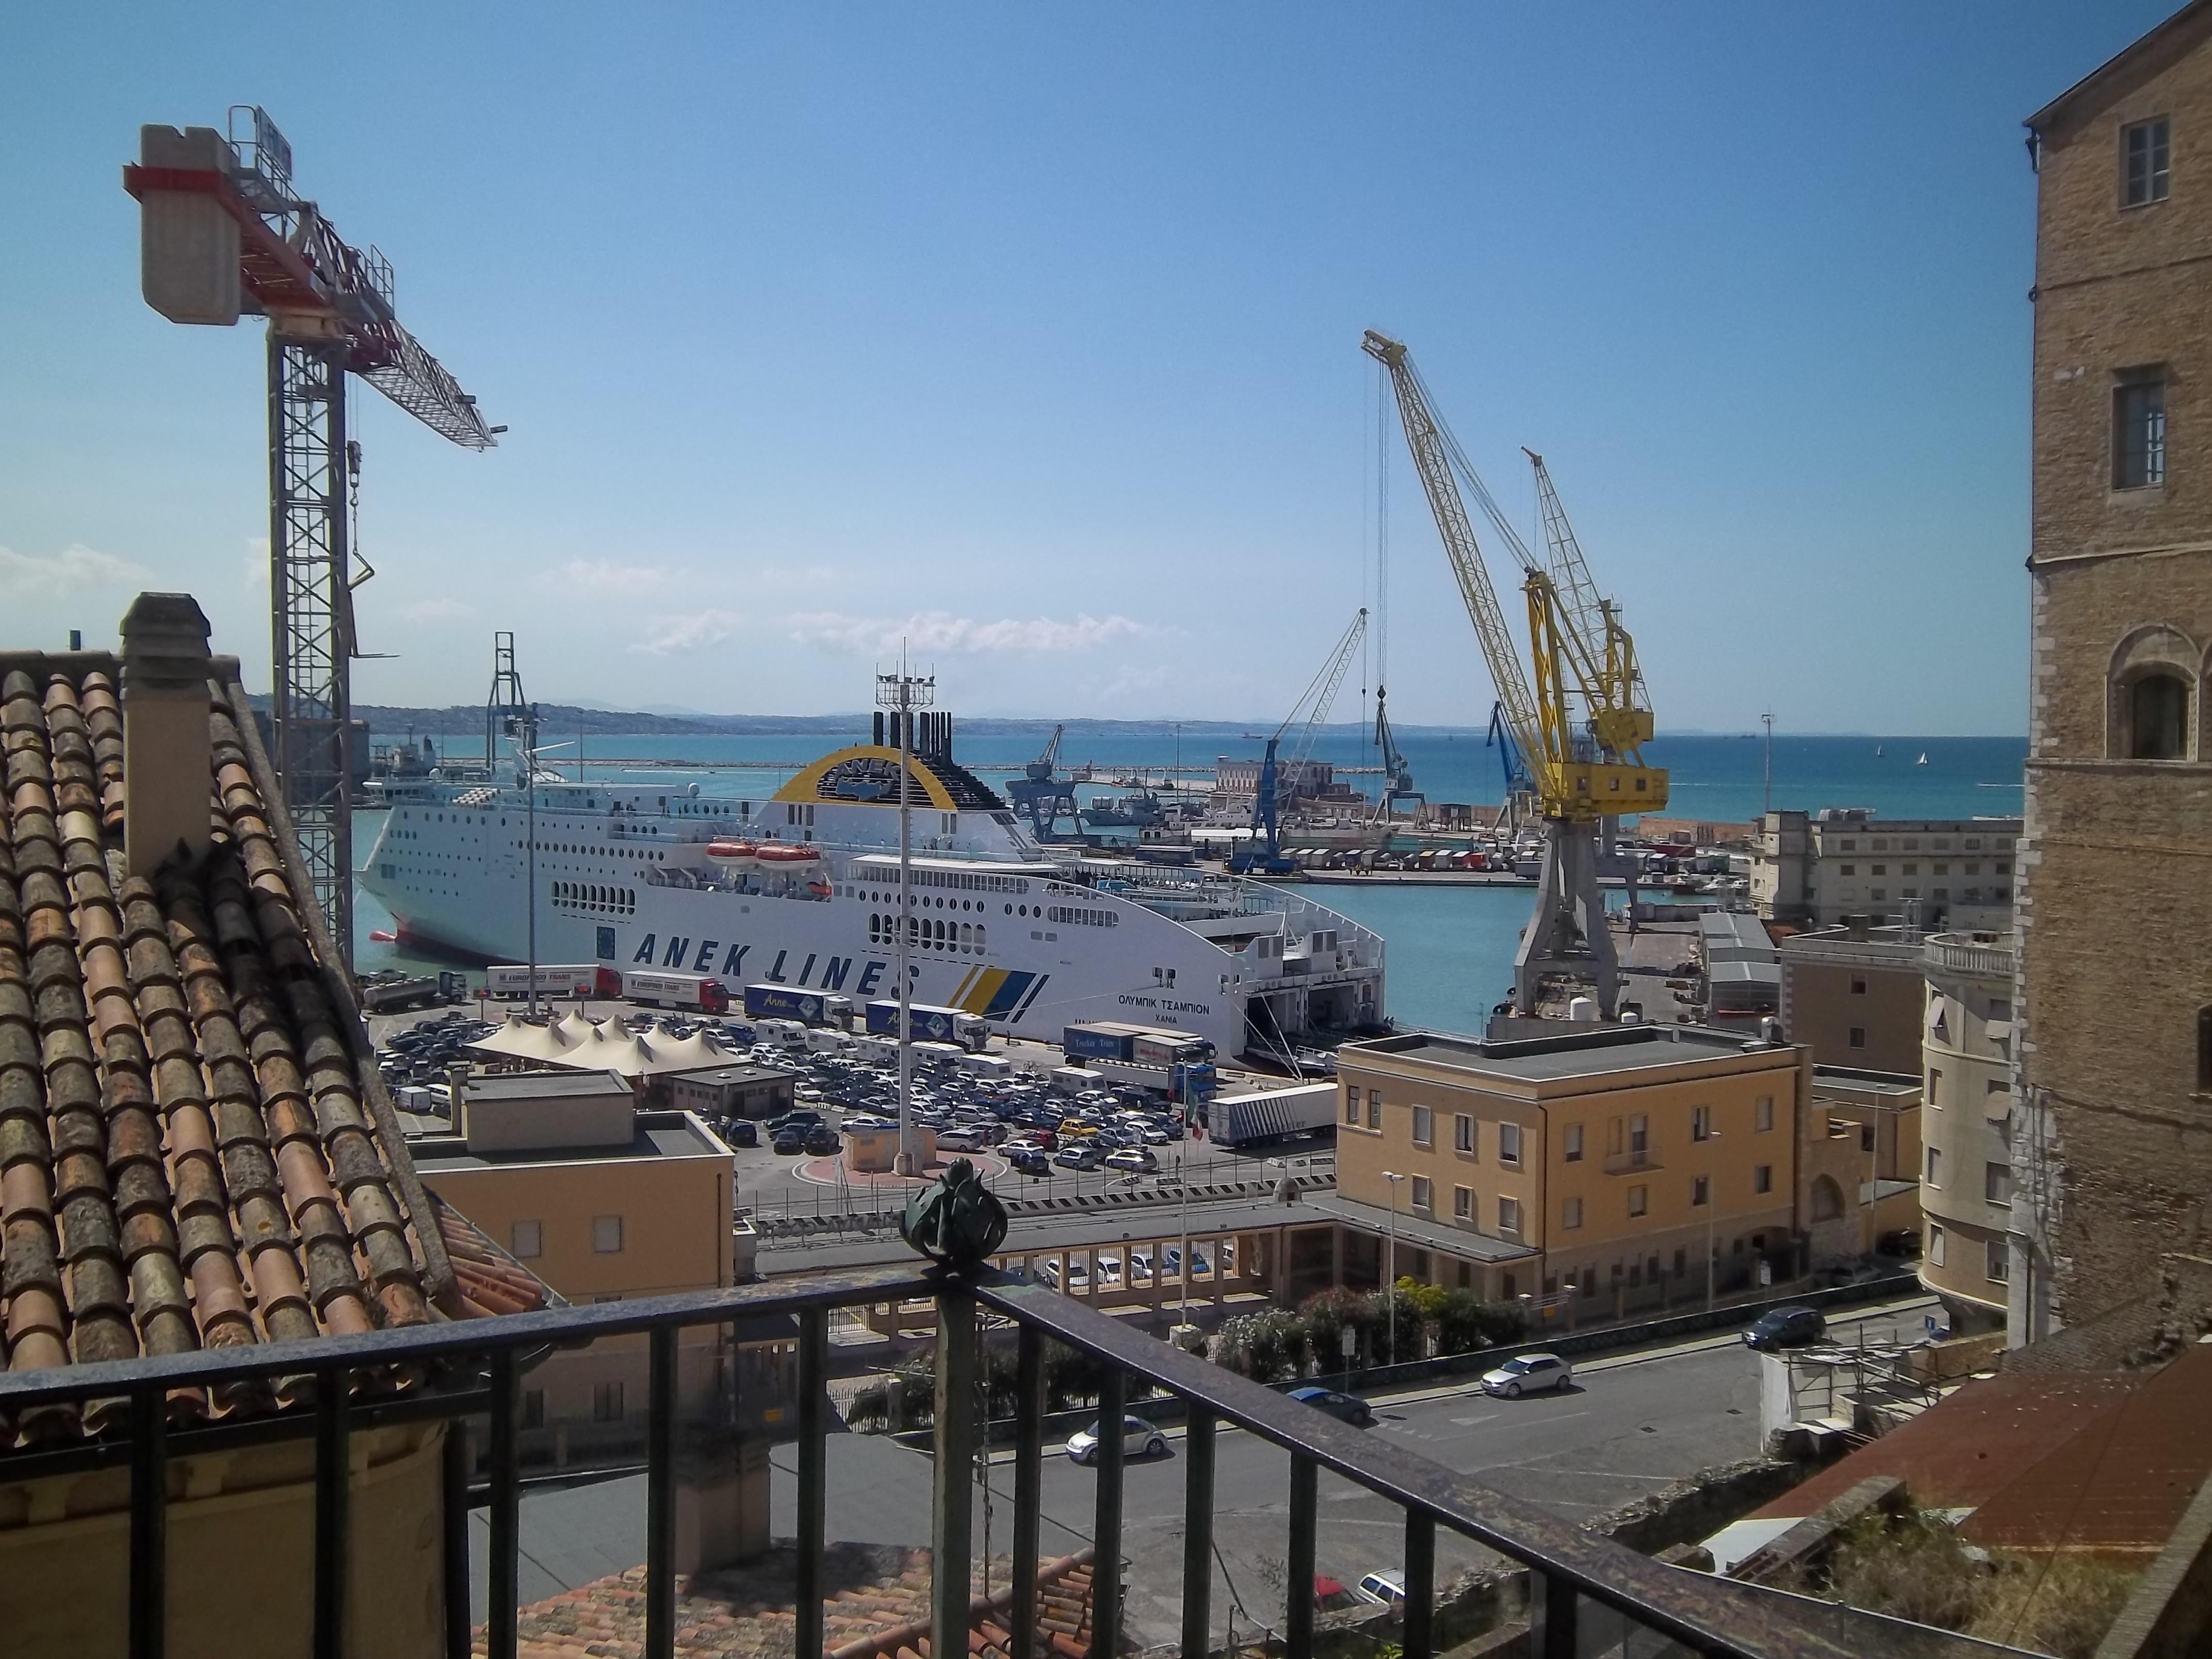 Ancona's port, Italy - P. Martino